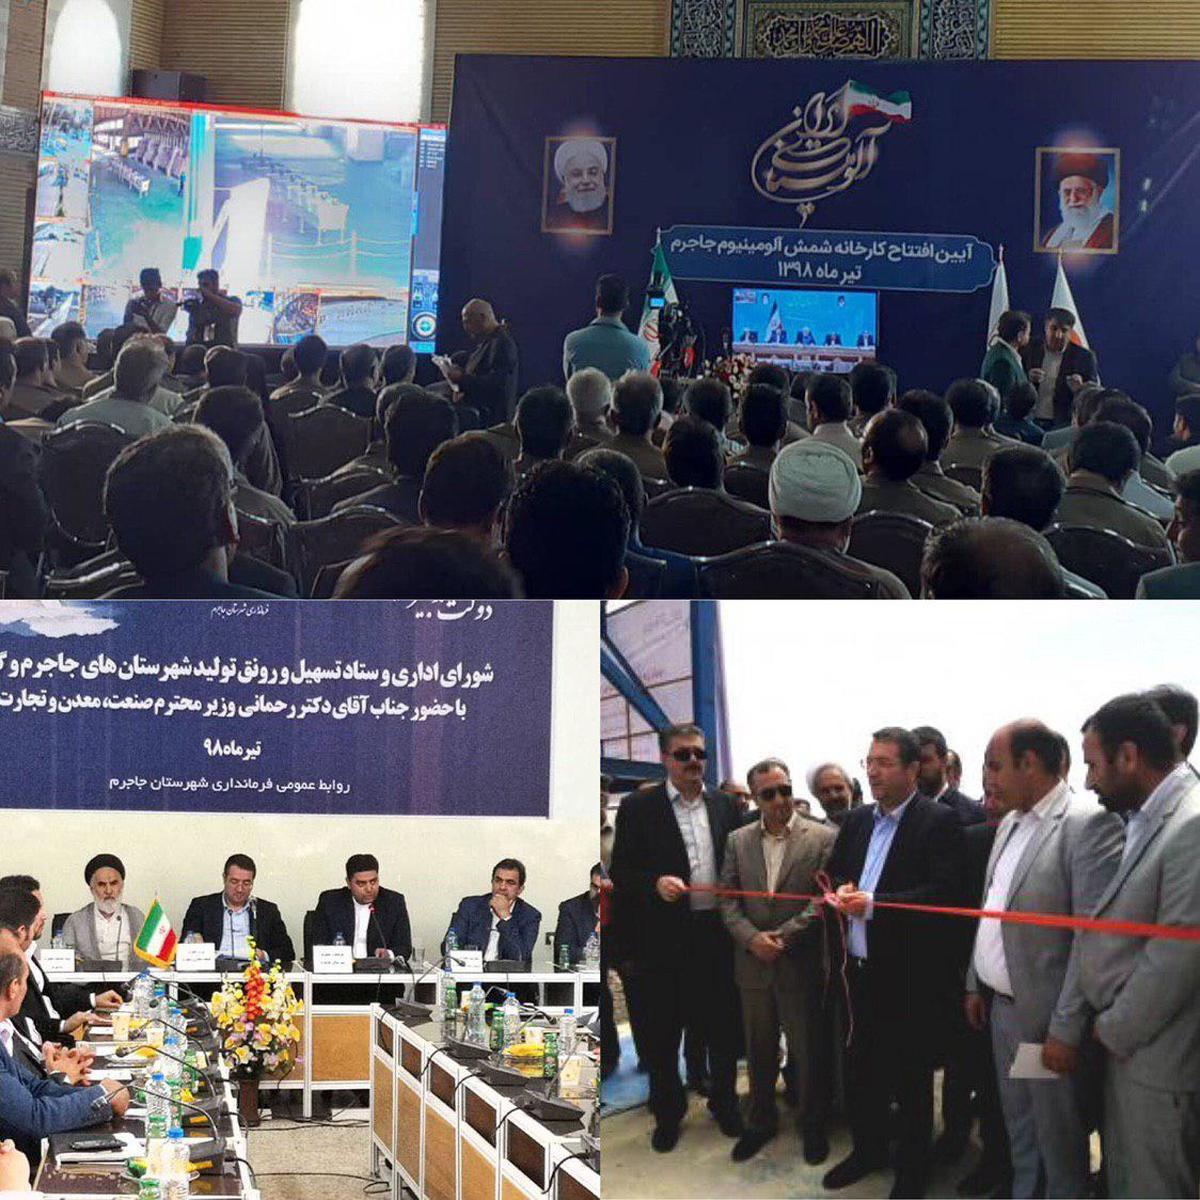 افتتاح پروژه آلومینیوم جاجرم با ۱۷۰۰ میلیارد تومان سرمایهگذاری